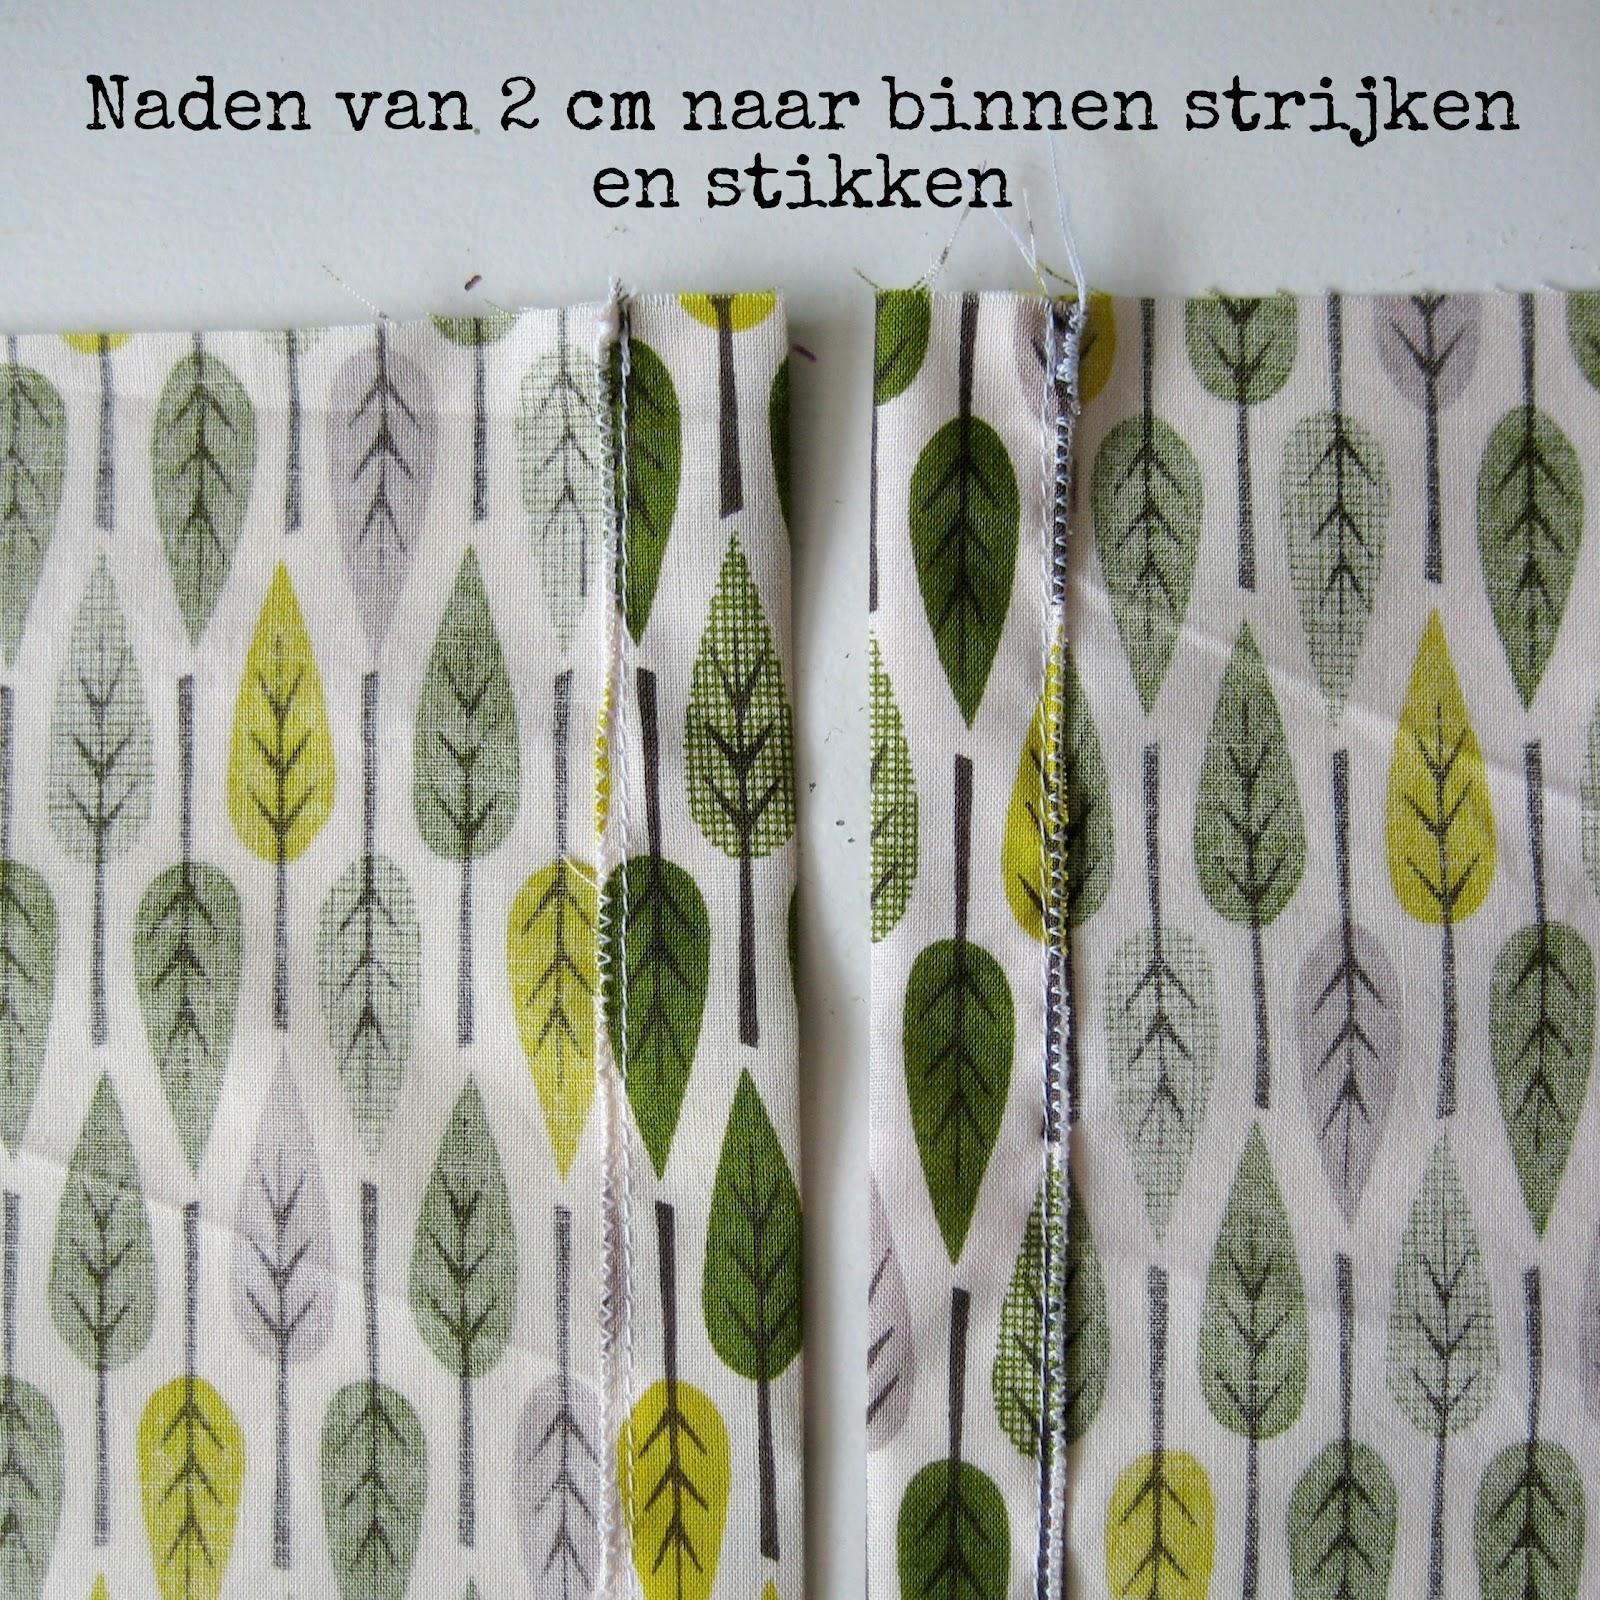 Stunning Gordijnen Aan Elkaar Stikken Images - Trend Ideas 2018 ...